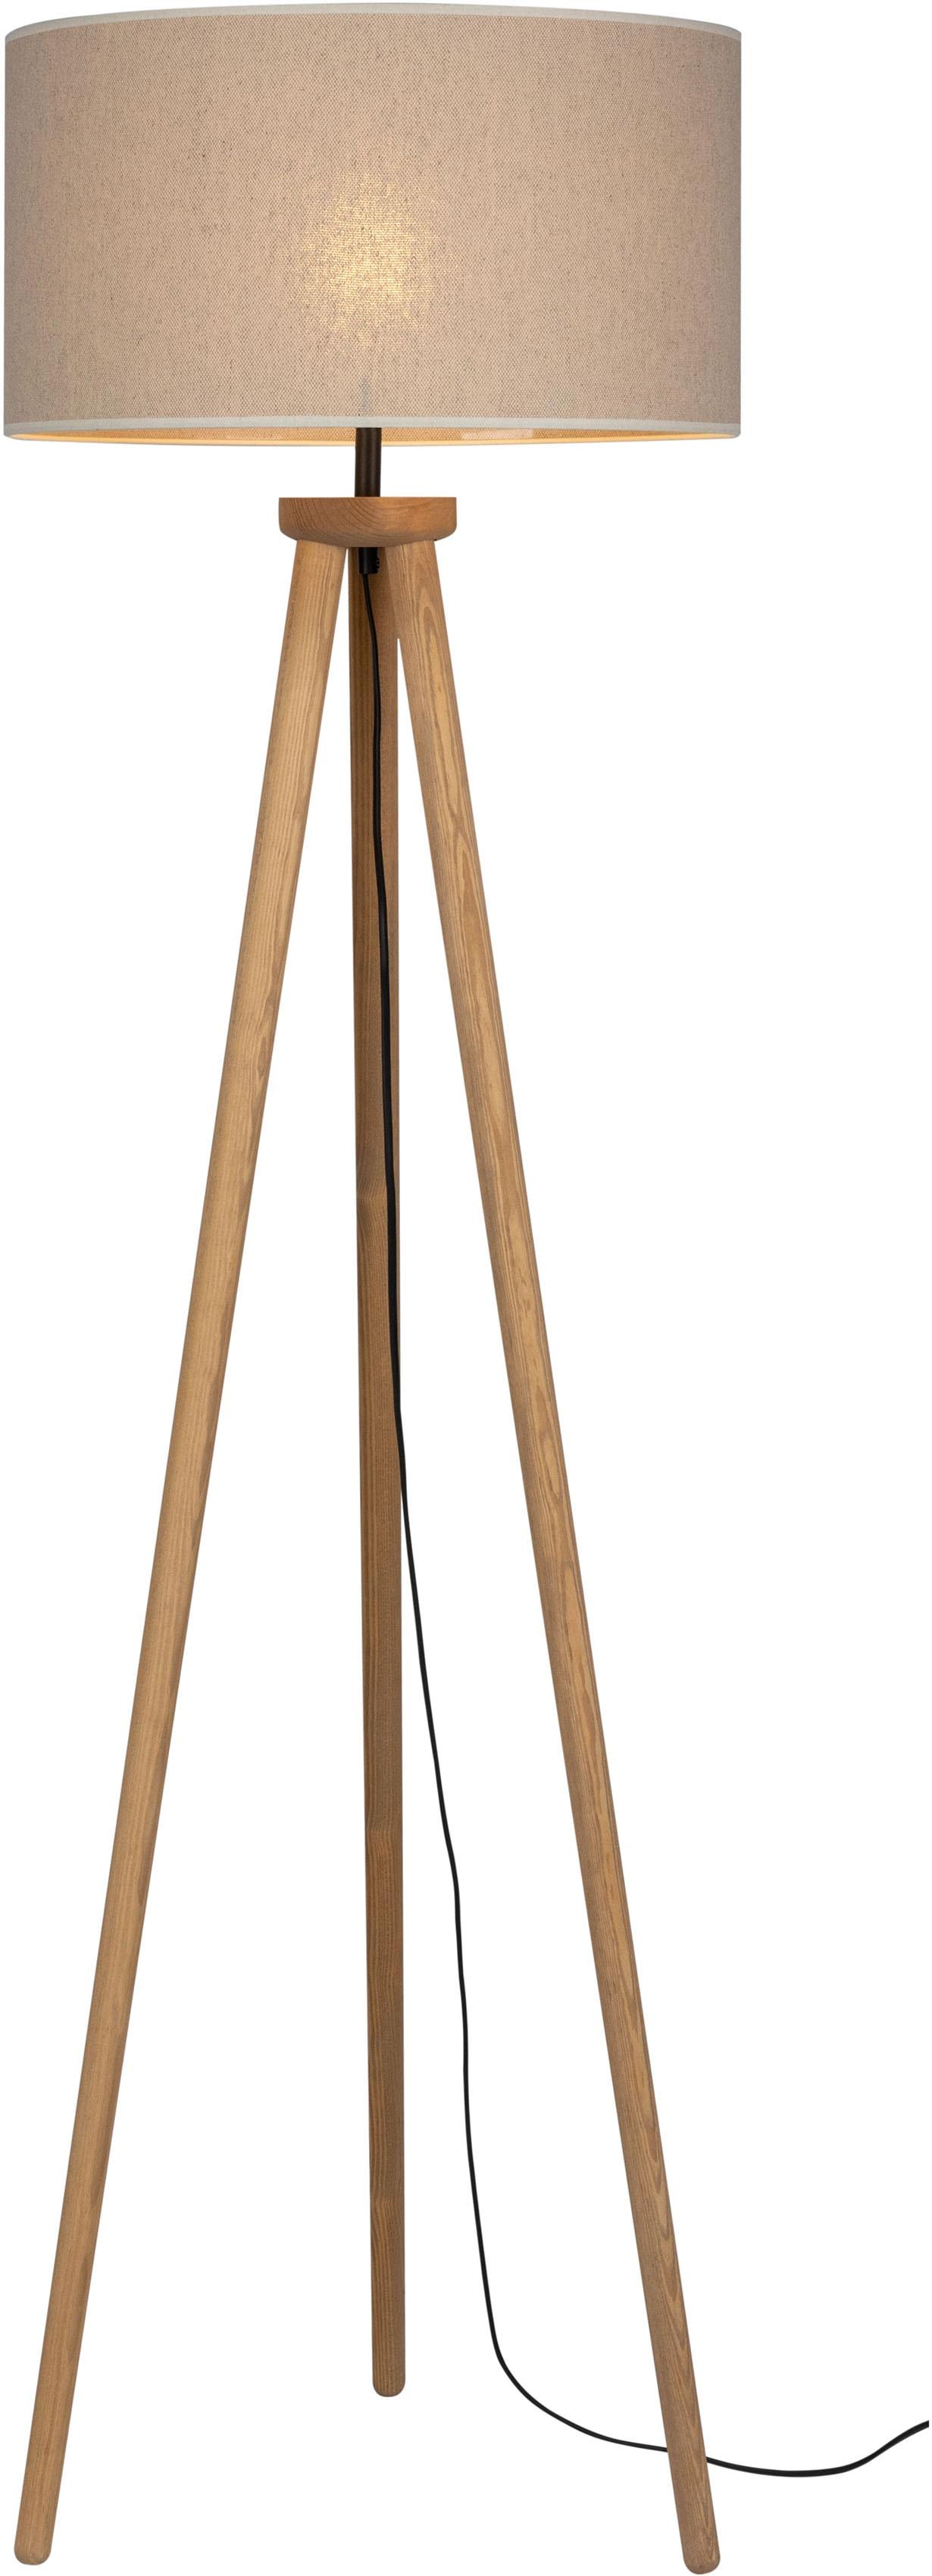 OTTO products Stehlampe Emmo, E27, Stehleuchte mit massivem Dreibein aus Kiefernholz, Naturprodukt mit FSC-Zertifikat, hochwertiger Textilschirm, Made in Europe